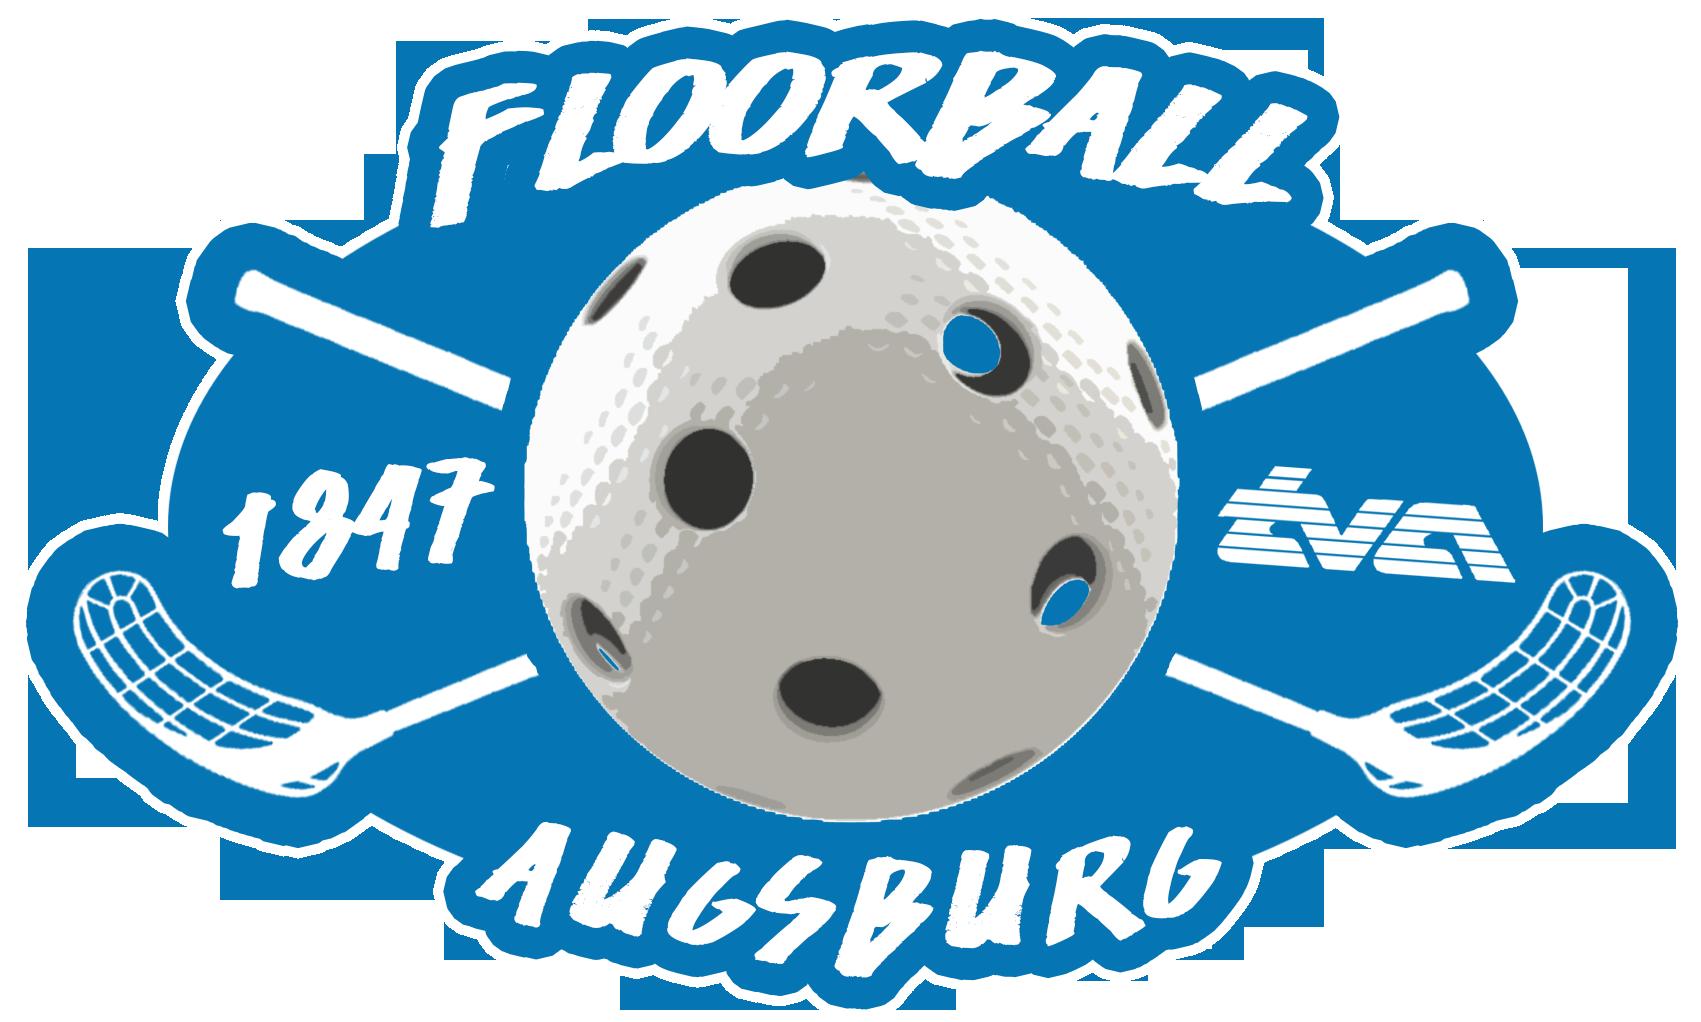 Floorball Augsburg